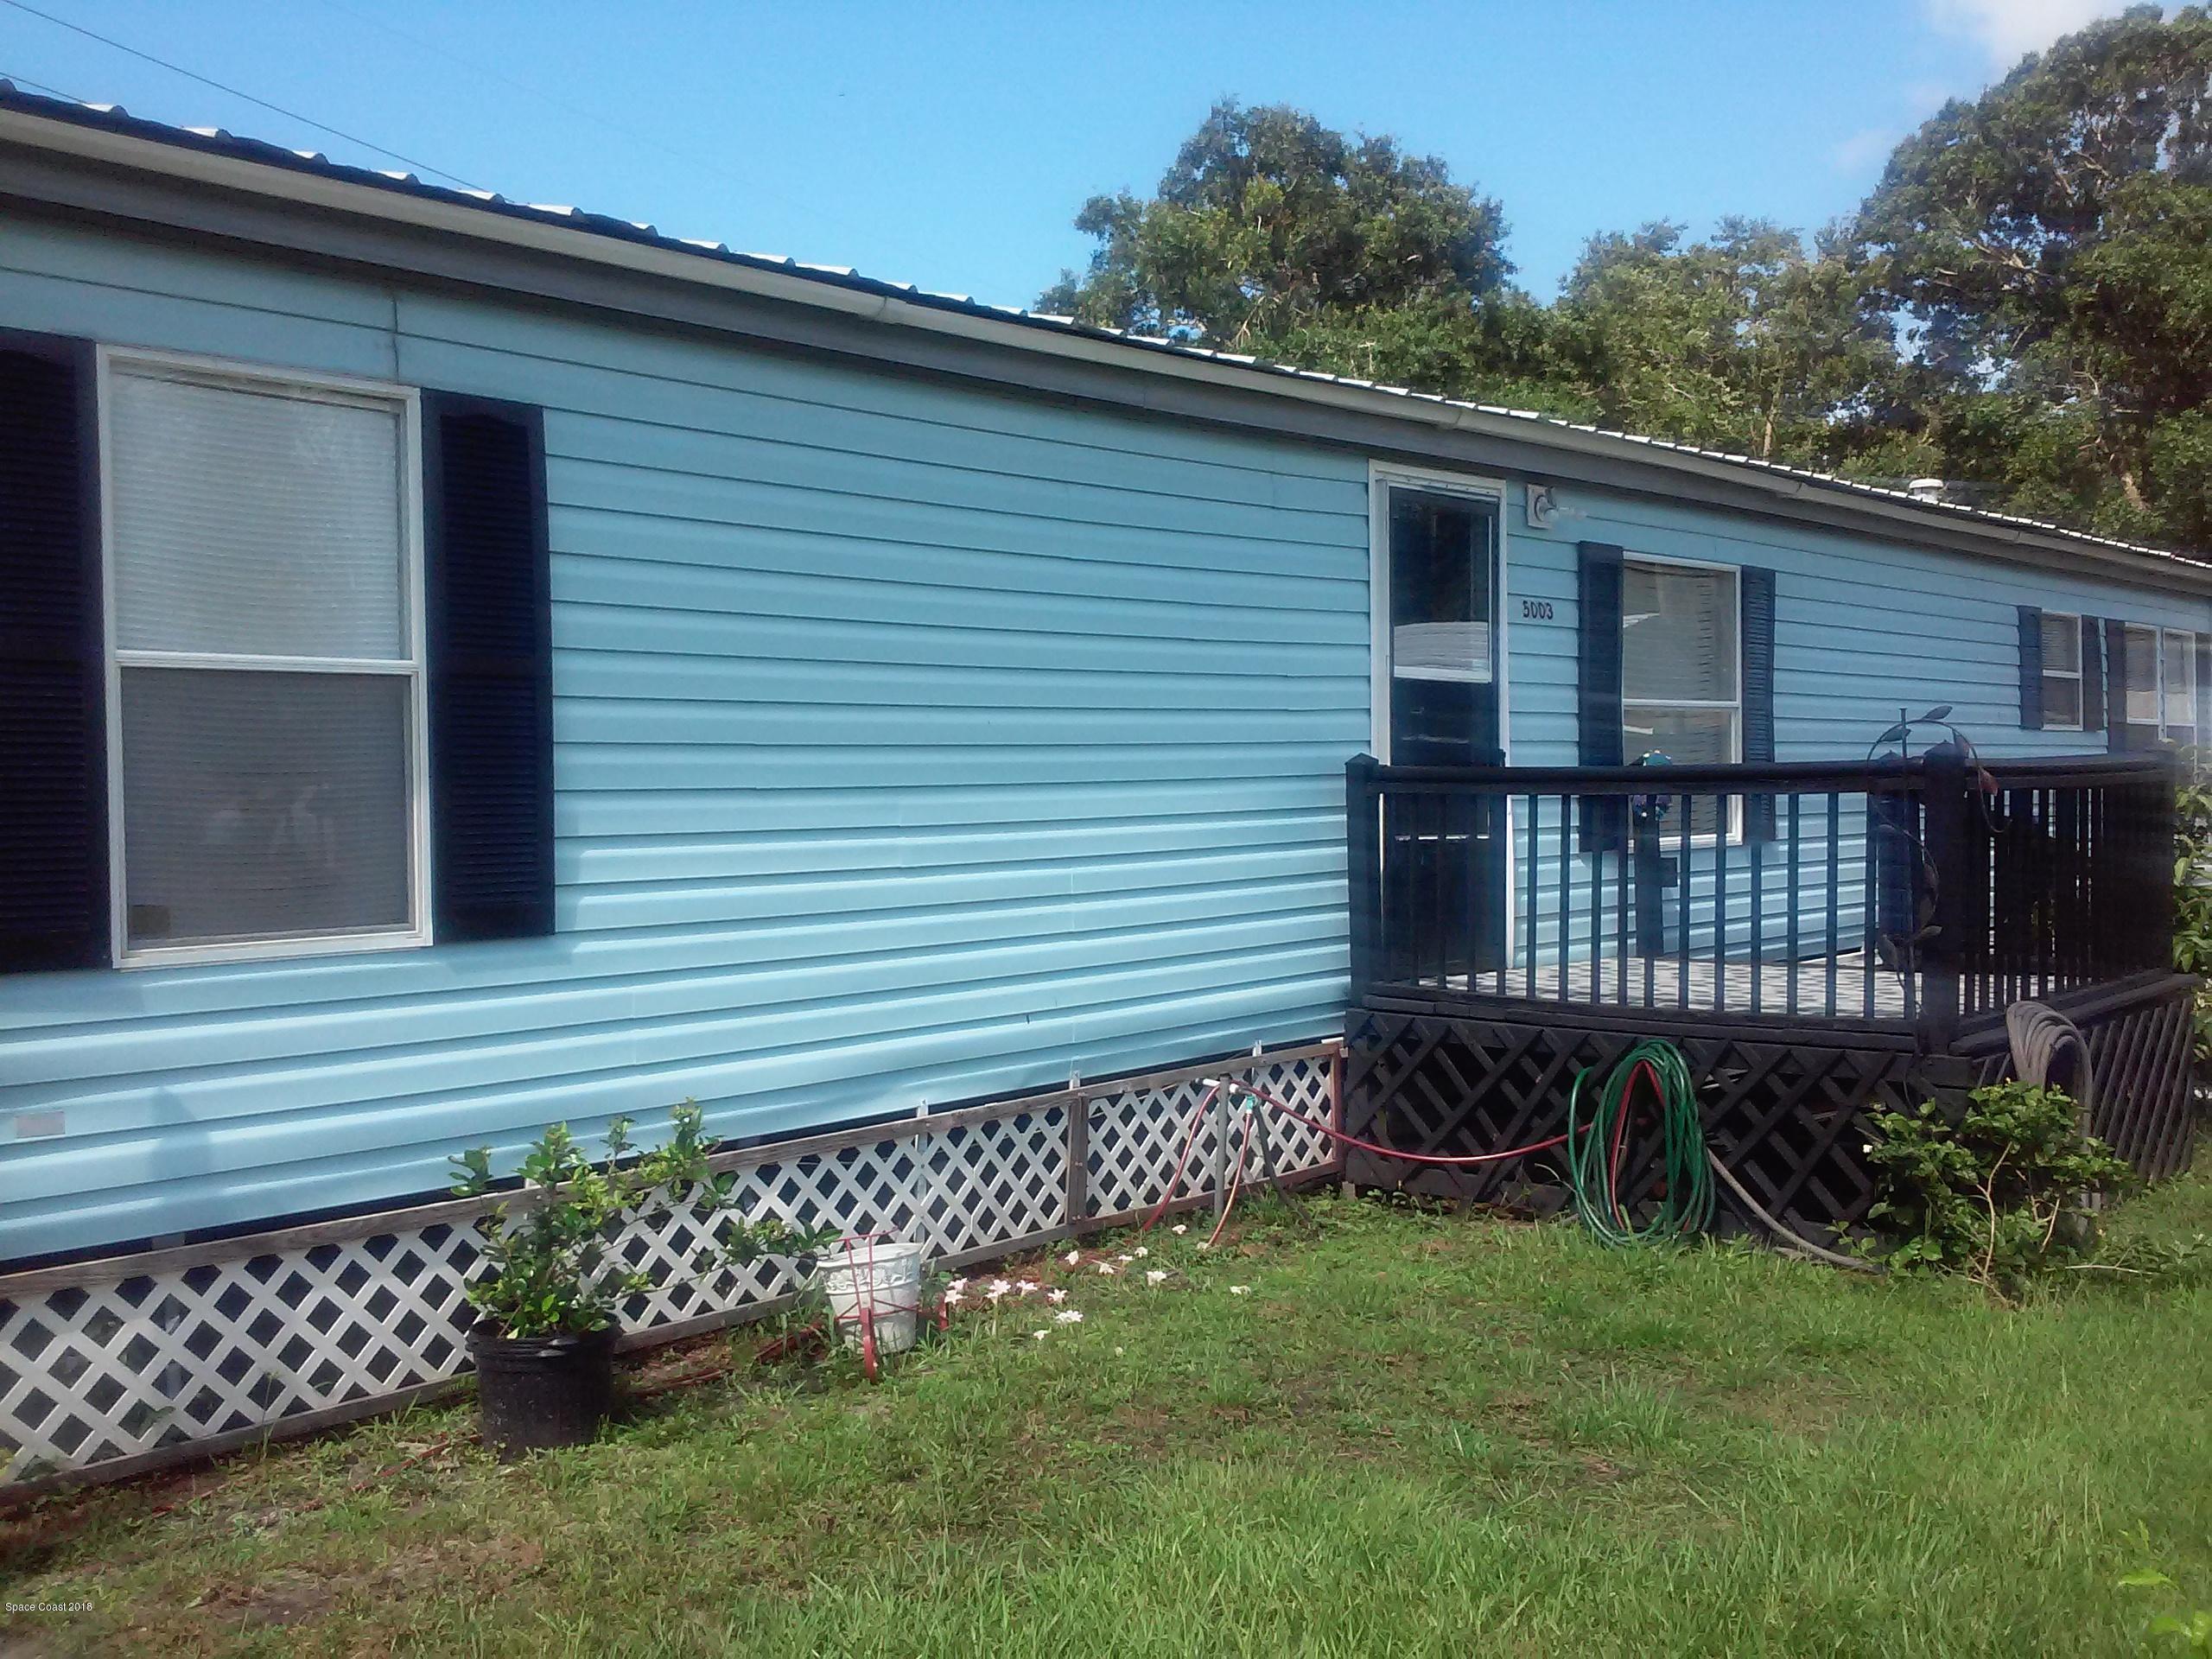 獨棟家庭住宅 為 出售 在 5003 Cambridge 5003 Cambridge Mims, 佛羅里達州 32754 美國